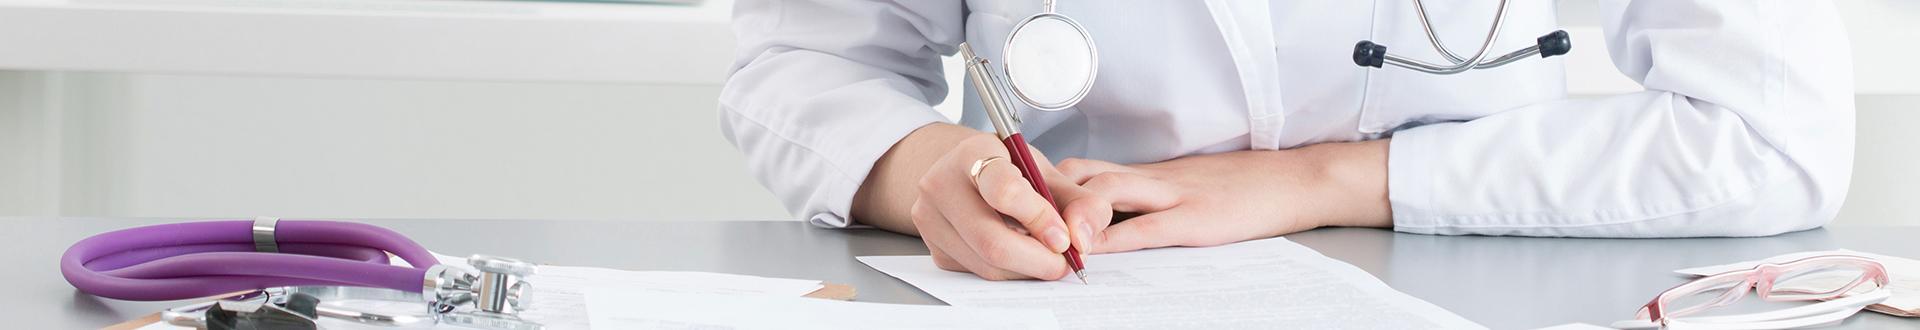 Lekarz piszący na kartce papieru